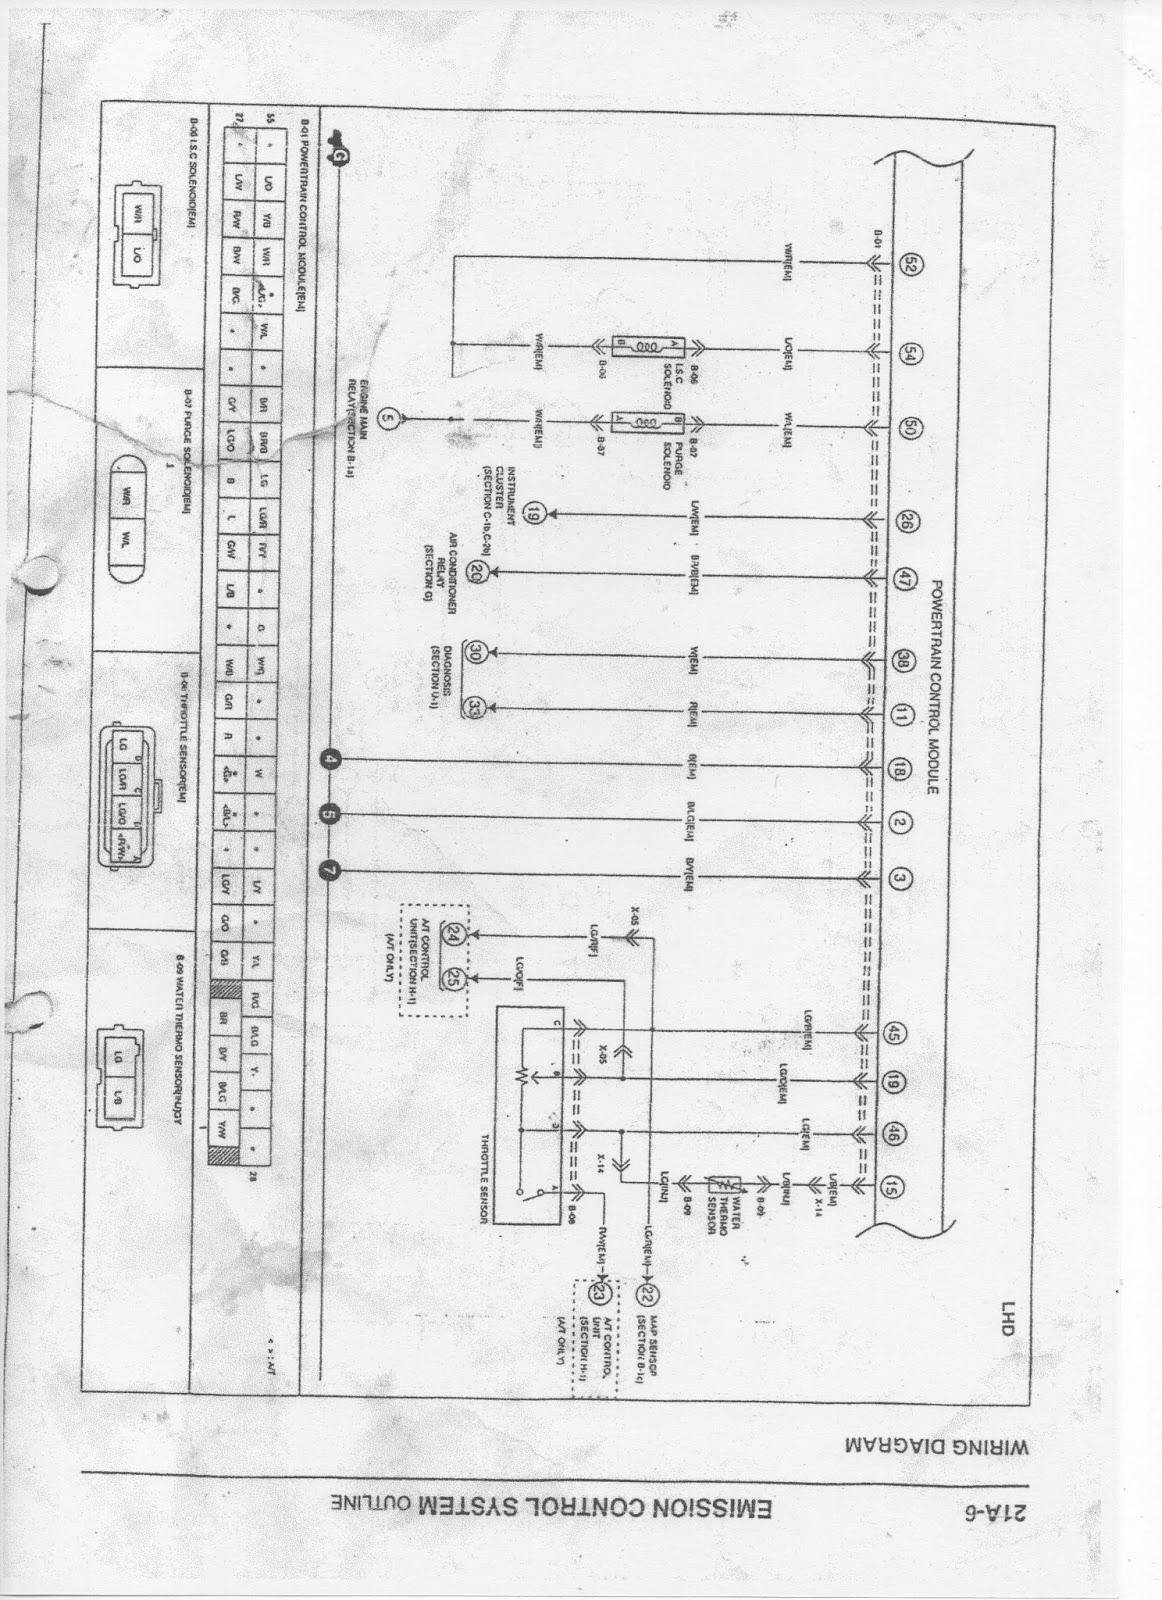 dayton hvac motor 4m096 wiring diagram